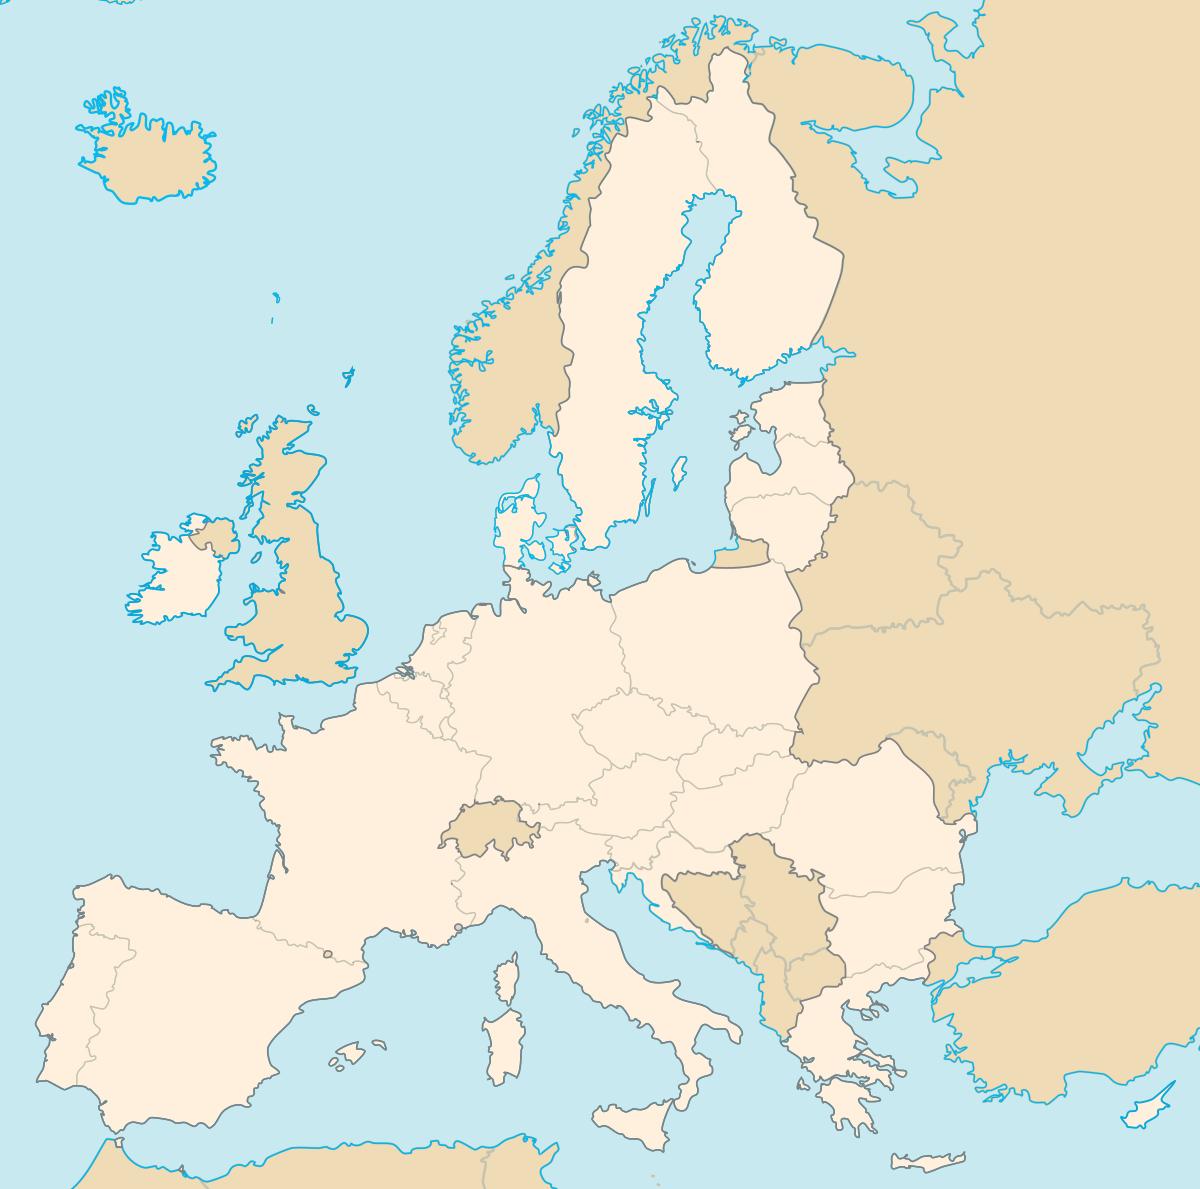 États Membres De L'union Européenne — Wikipédia intérieur Carte Vierge De L Union Européenne